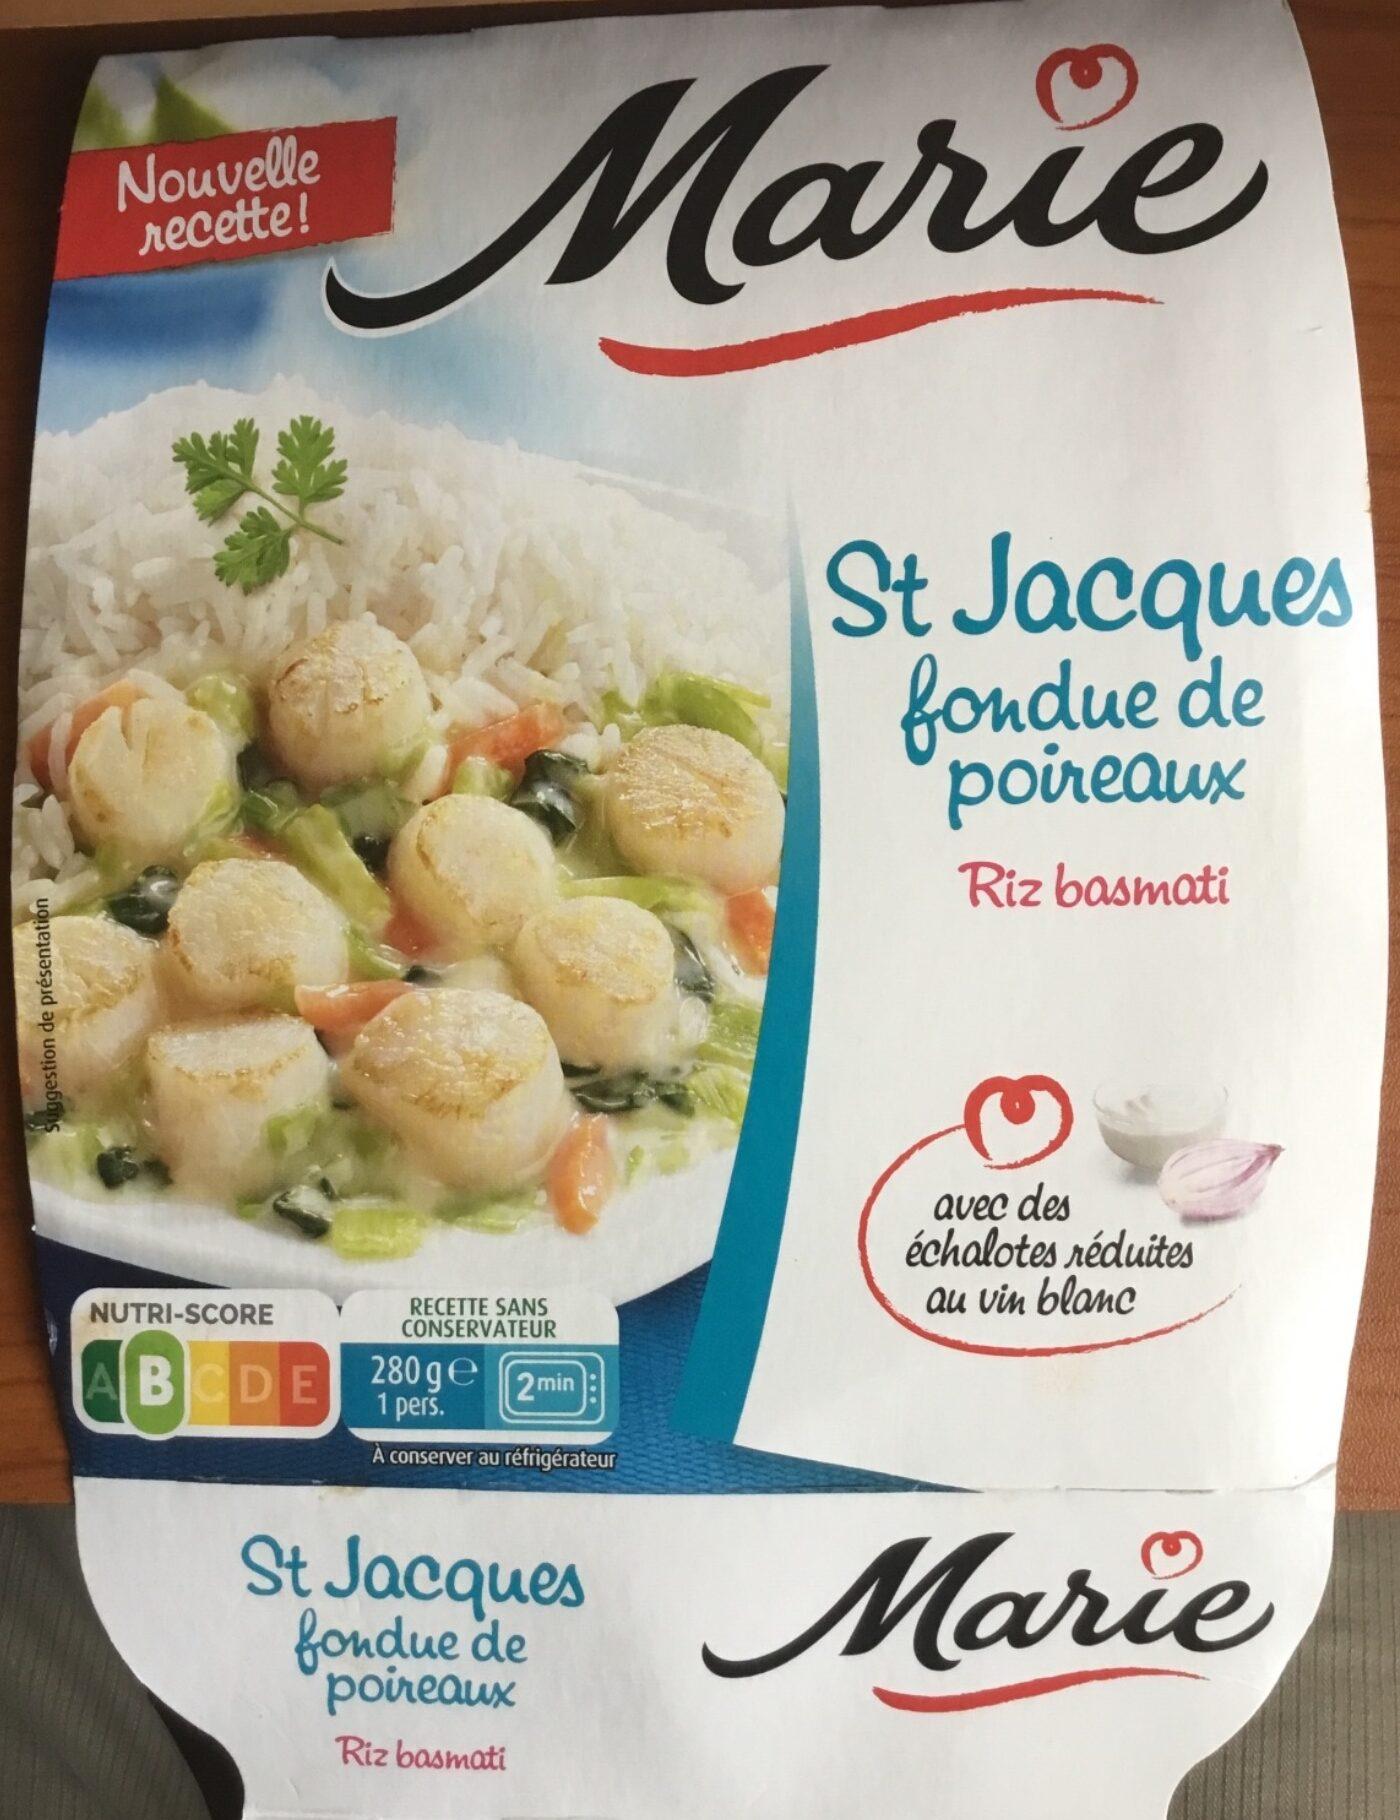 St Jacques fondue de poireaux & riz basmati - Prodotto - fr